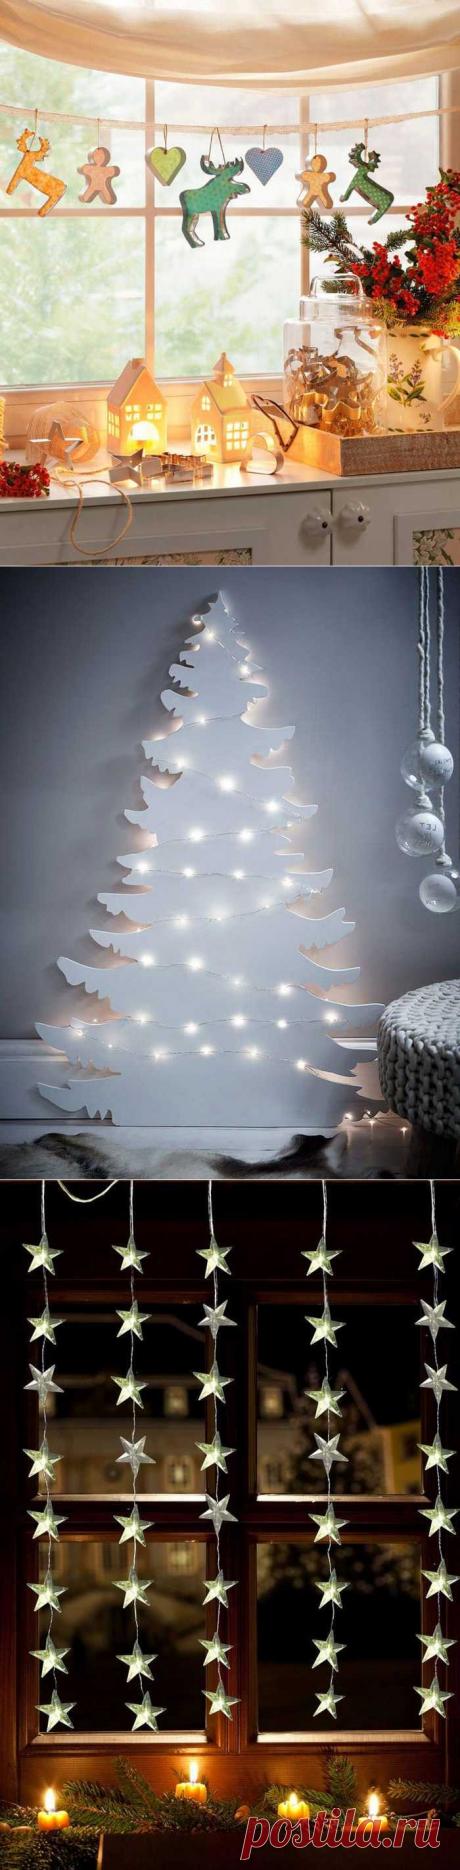 Идеи новогоднего декора для дома, квартиры, комнаты